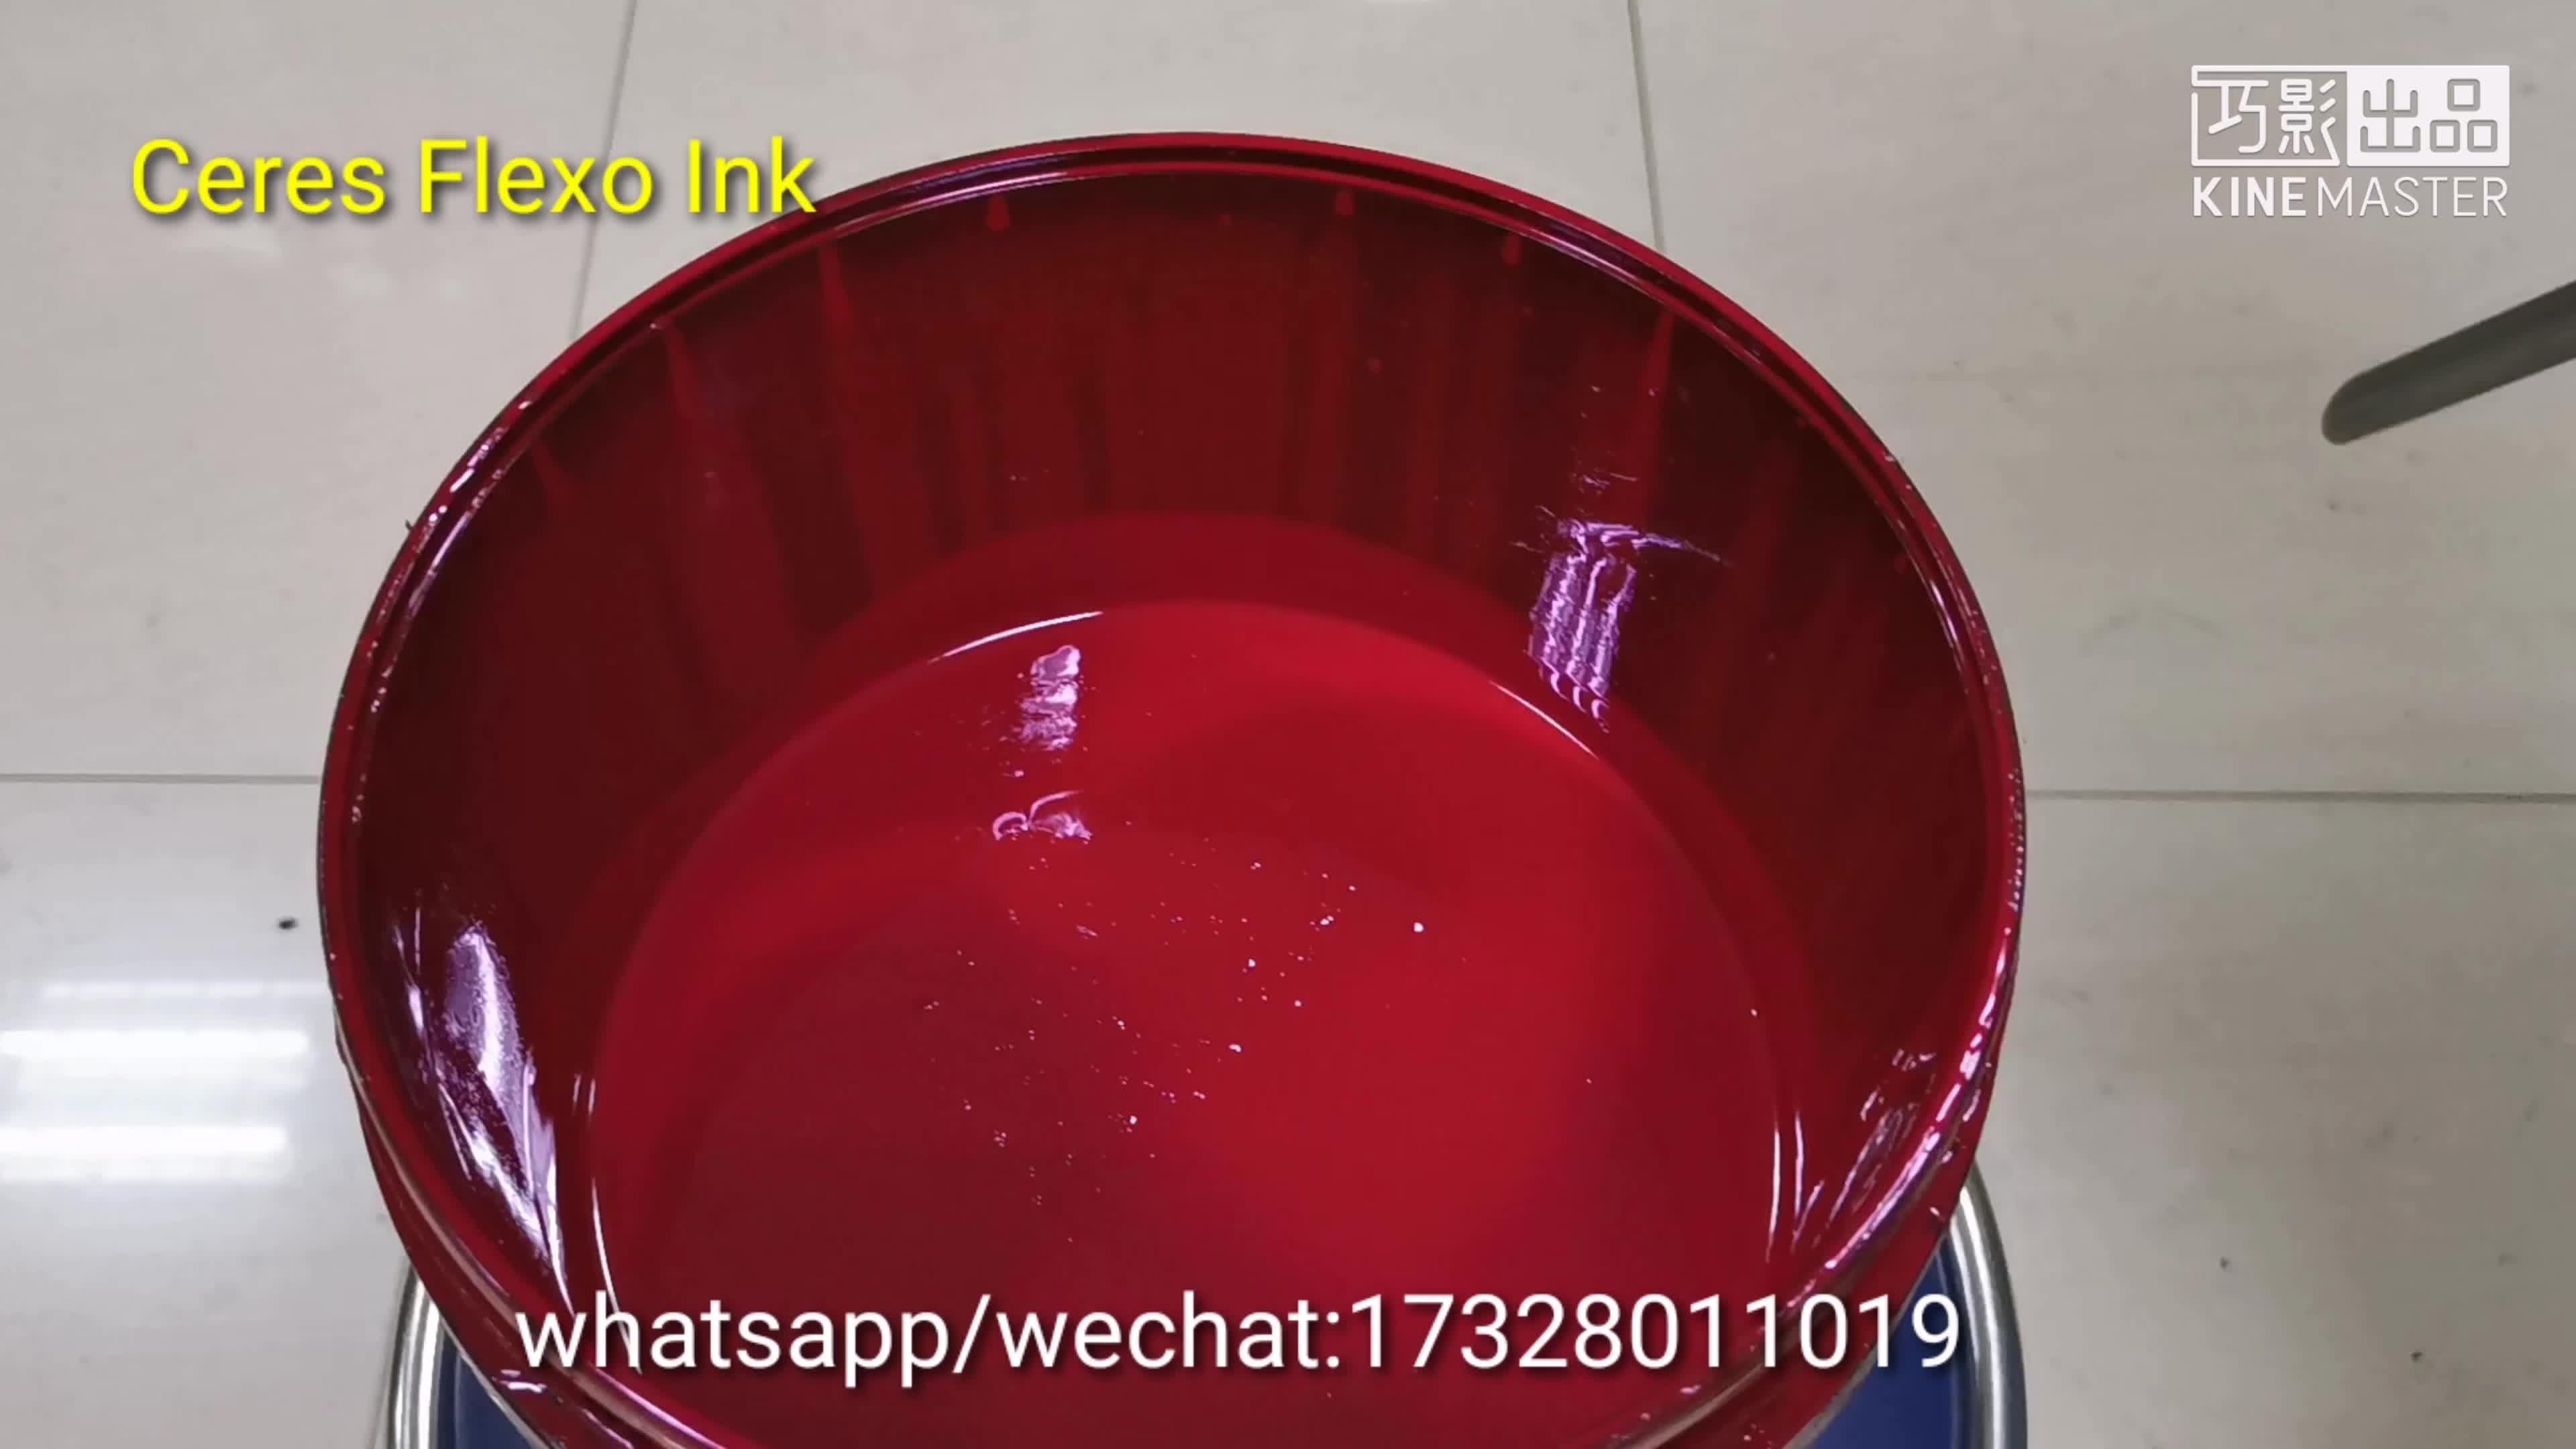 China de Boa qualidade de impressão flexo uv máquina de impressão de etiquetas Adesivo UV tinta flexo